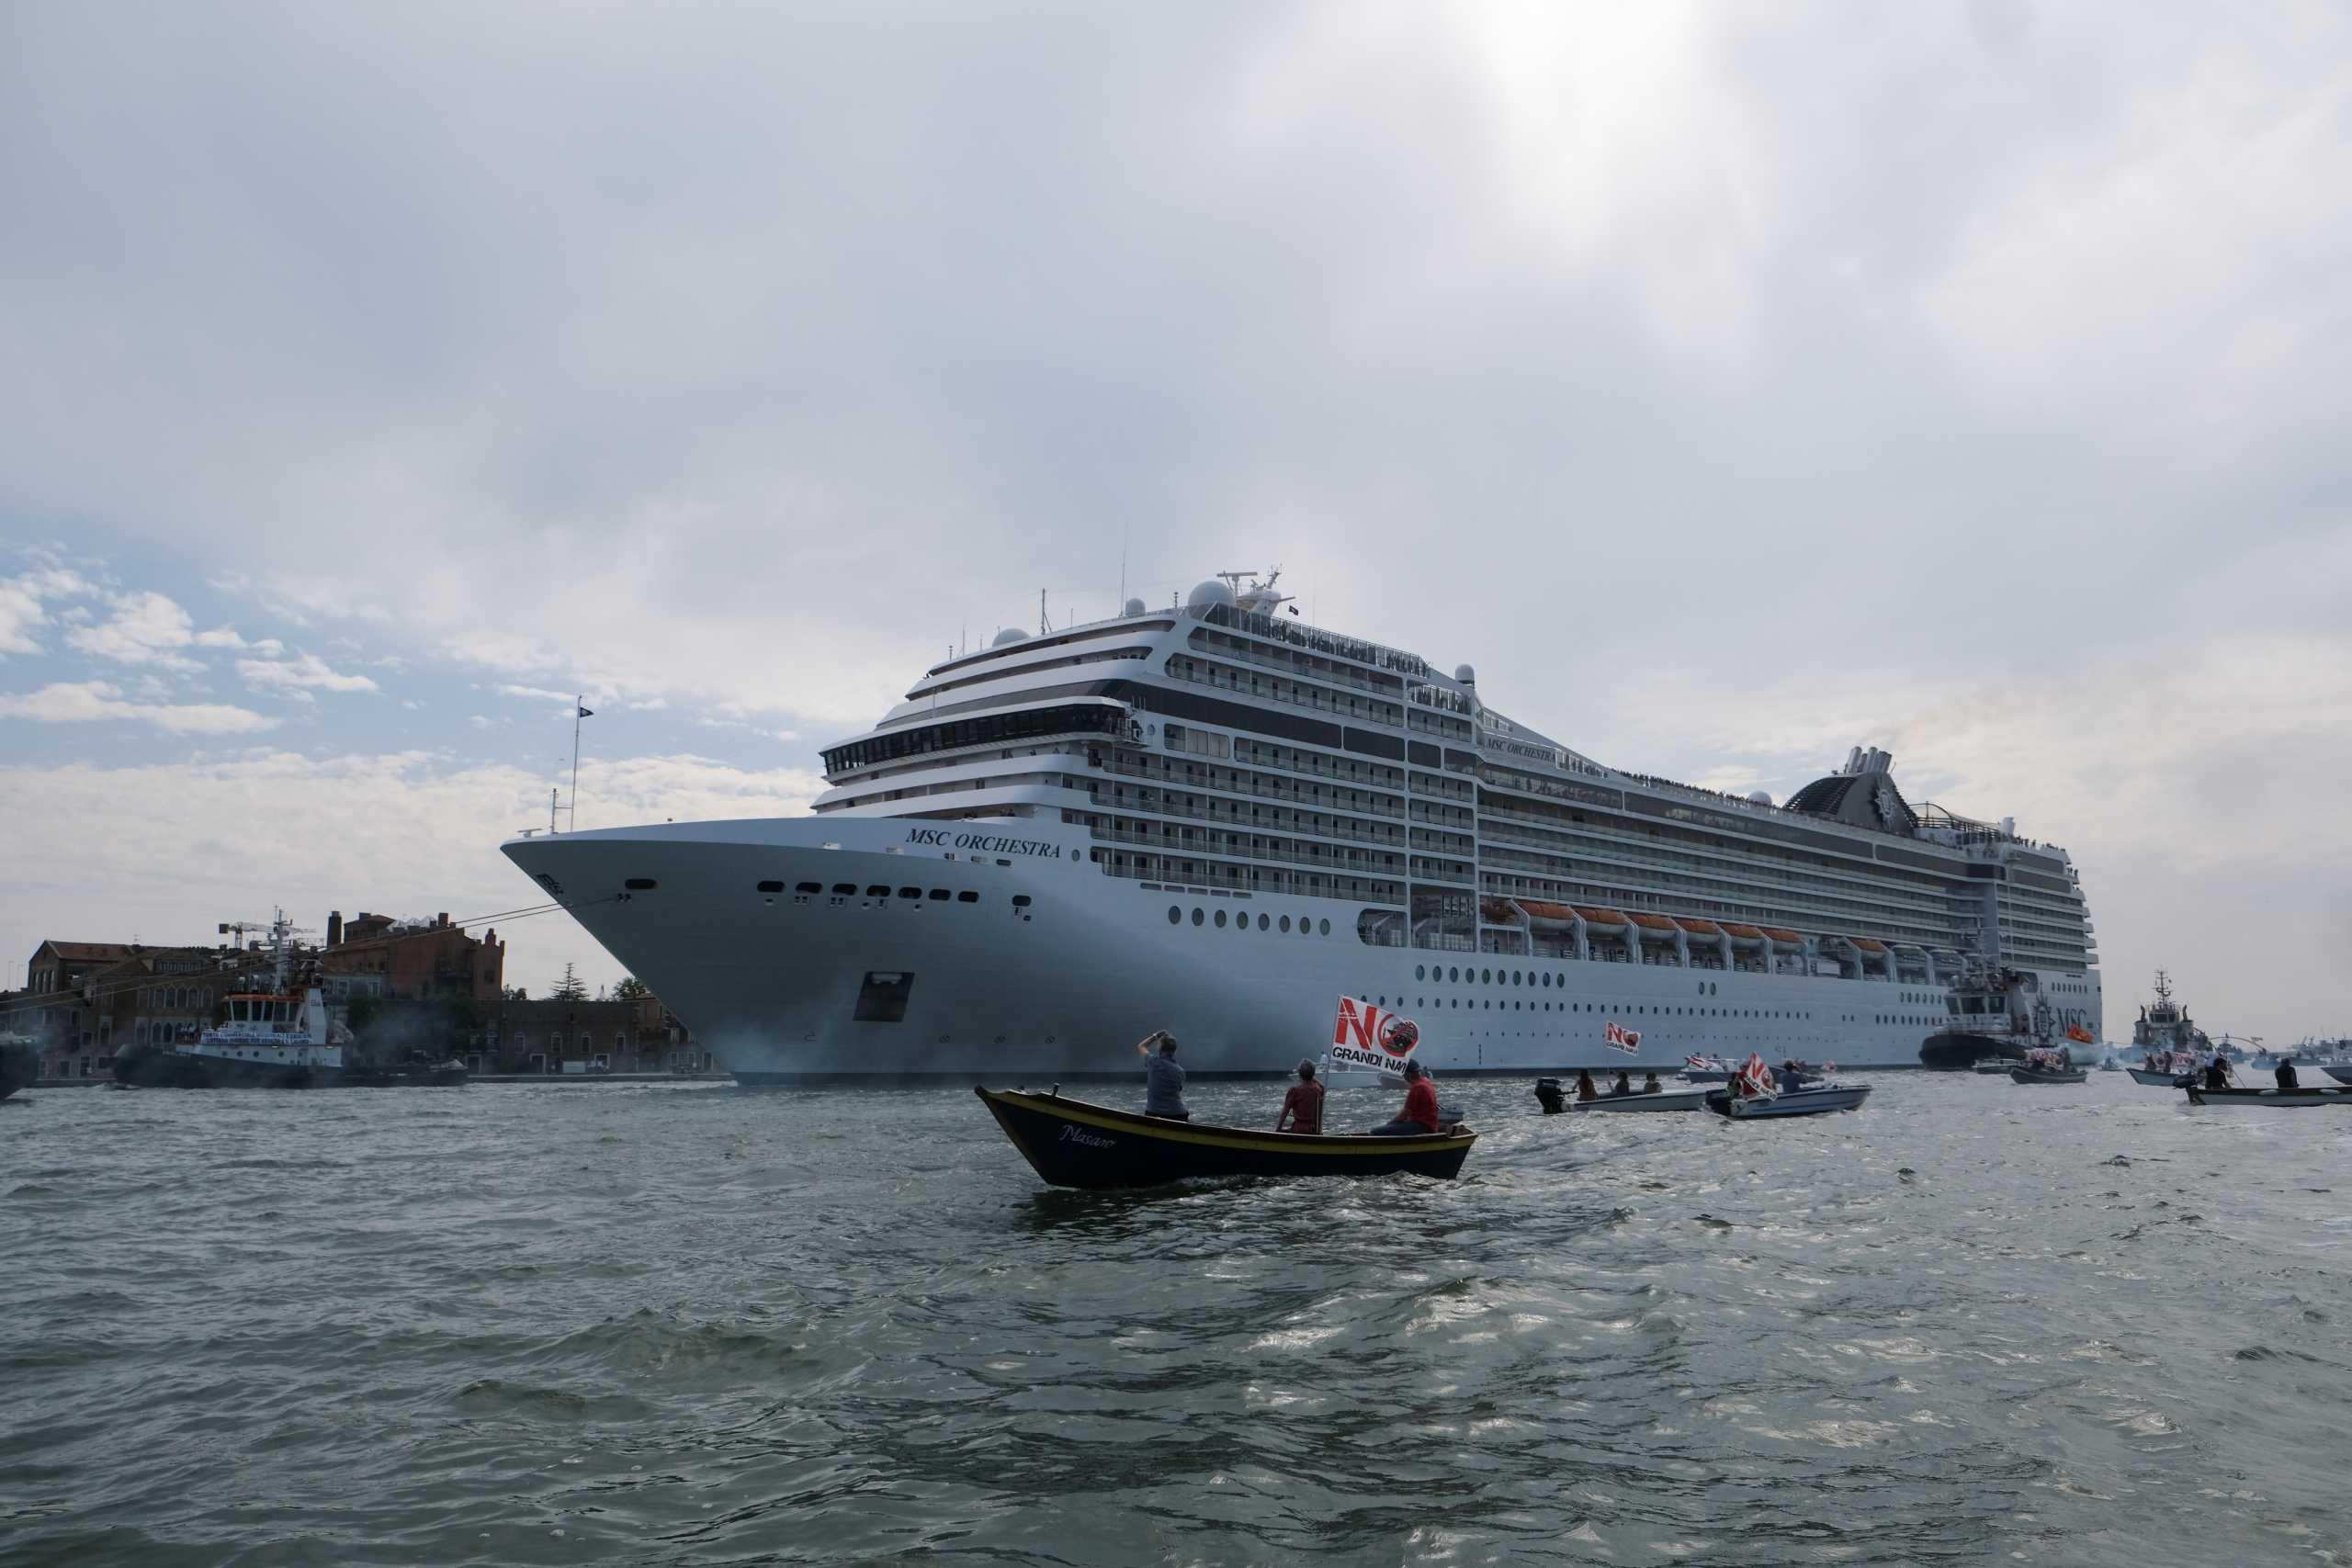 Ιταλία: Σήκωσε άγκυρα από τη Βενετία το πρώτο κρουαζιερόπλοιο με προορισμό Ελλάδα και Κροατία